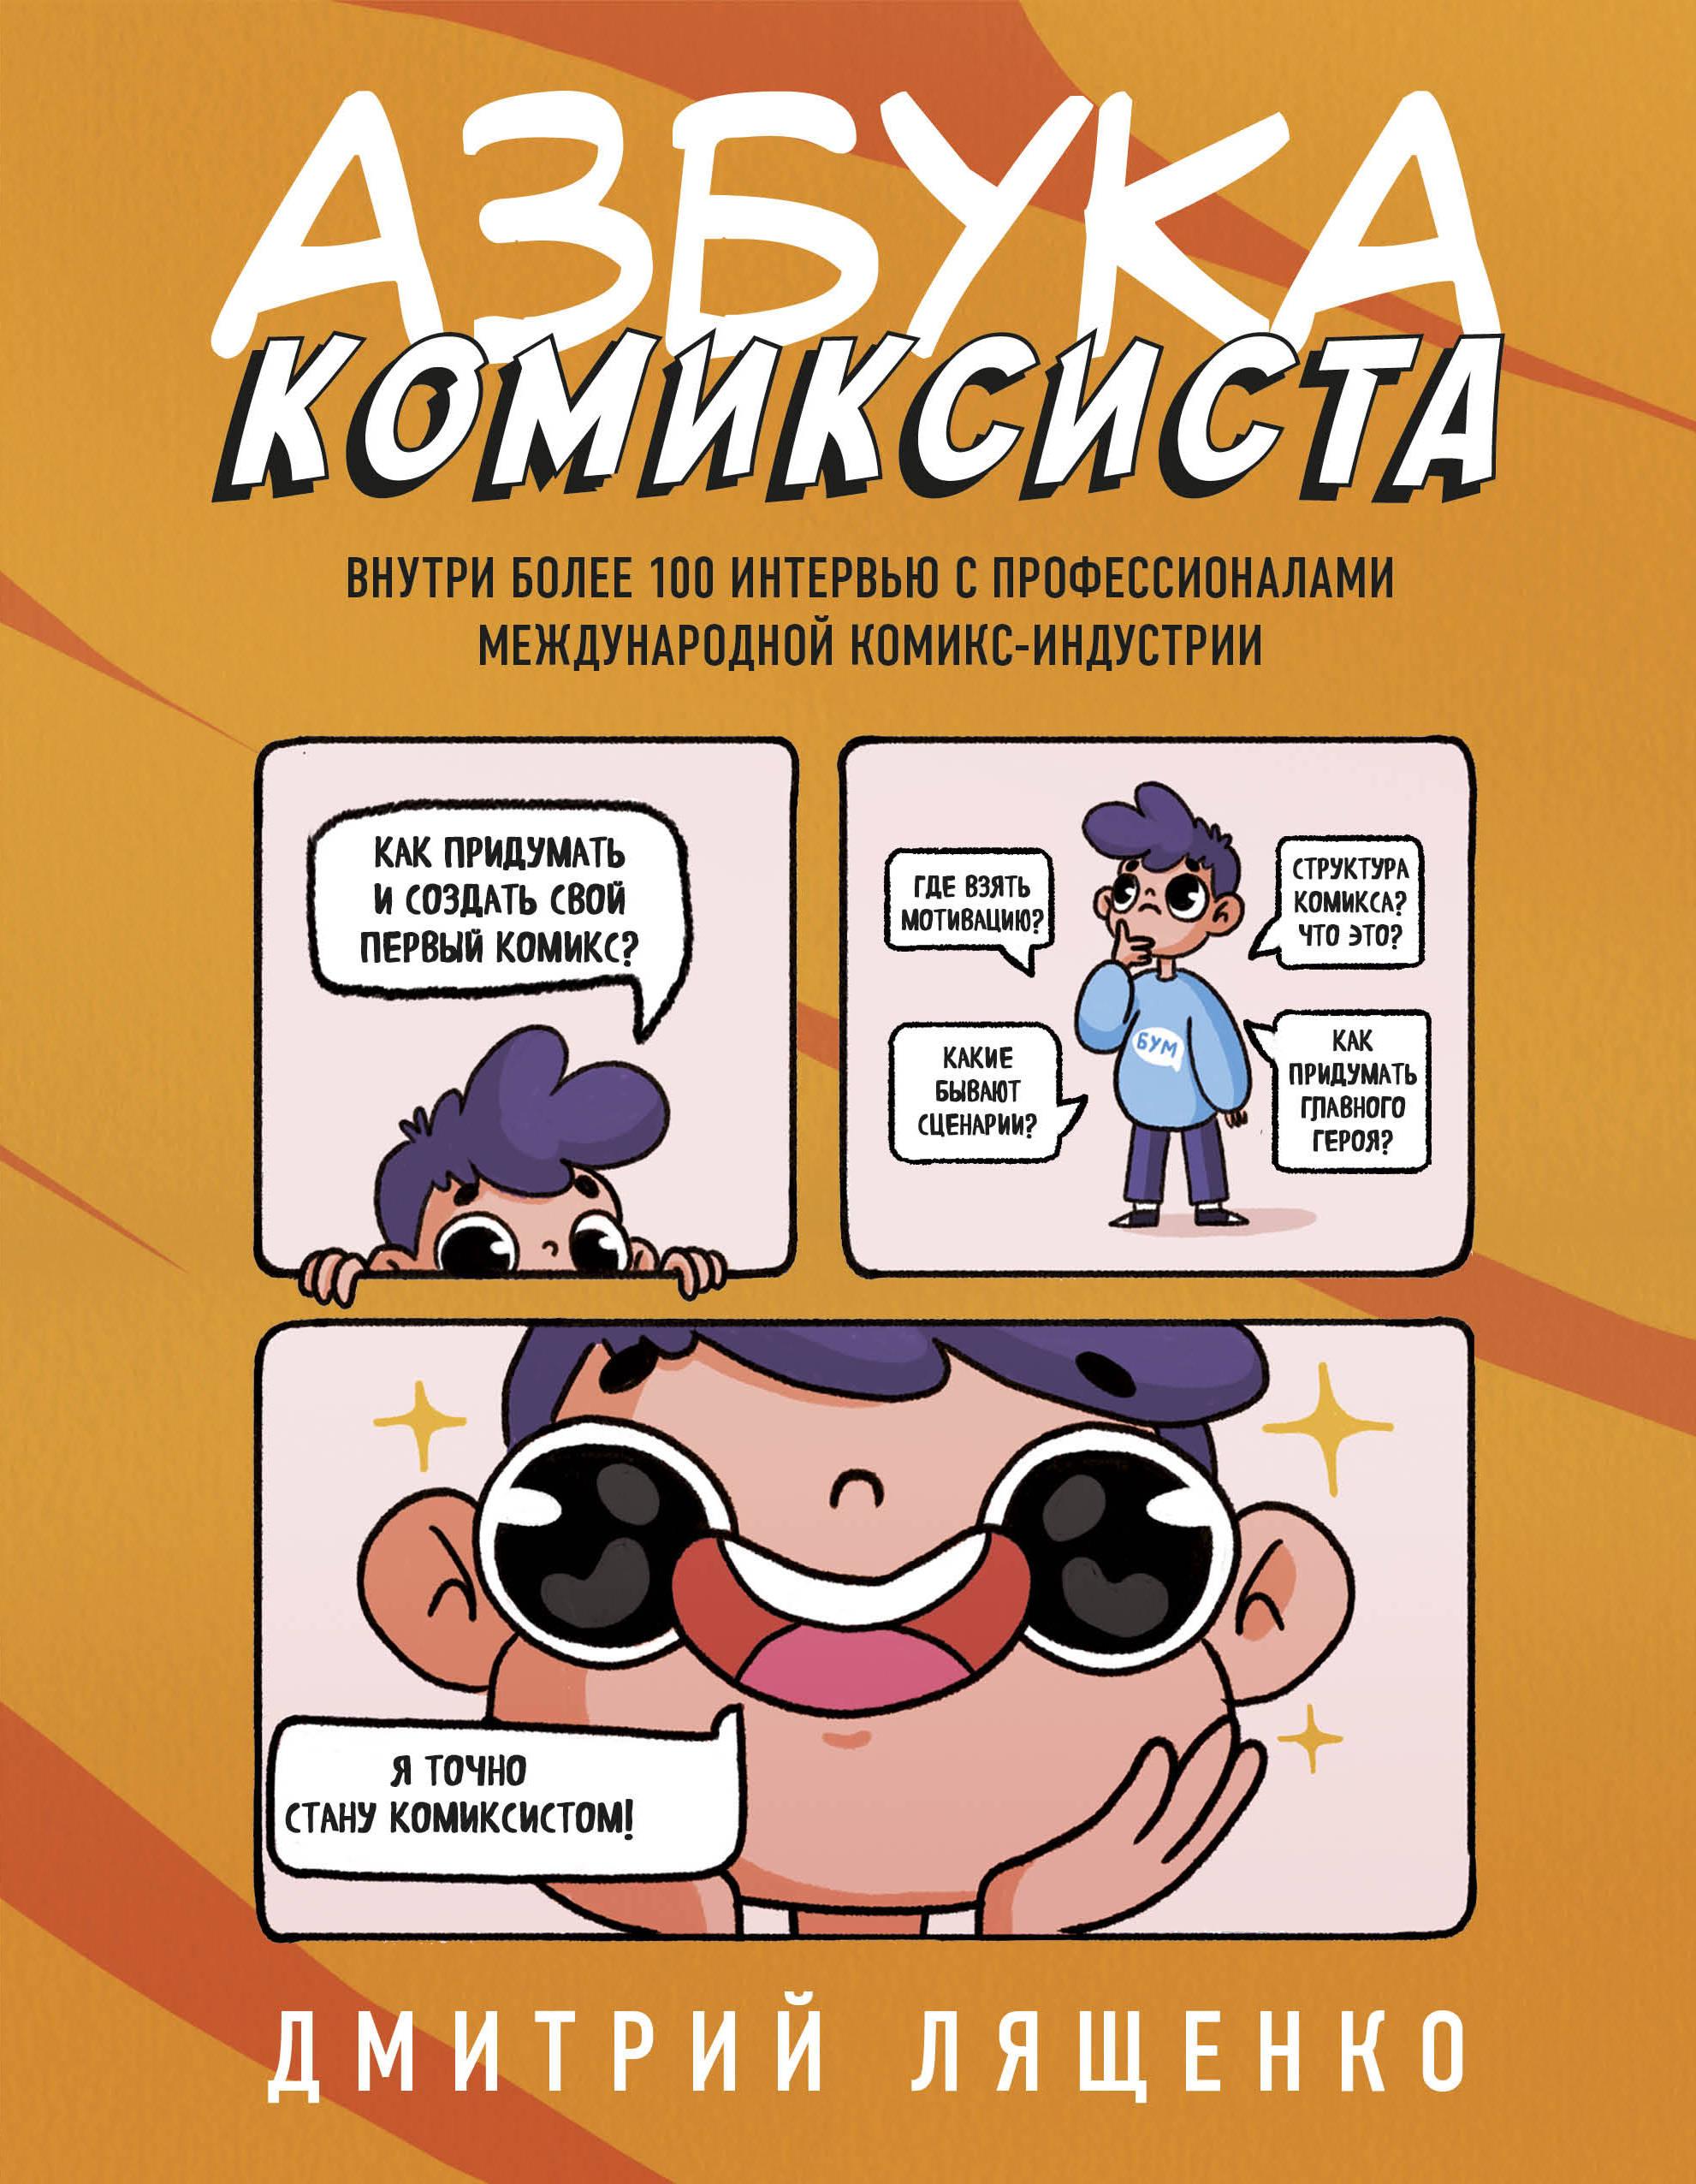 Читаем книгу «Азбука комиксиста. Как придумать и создать свой первый комикс» 1